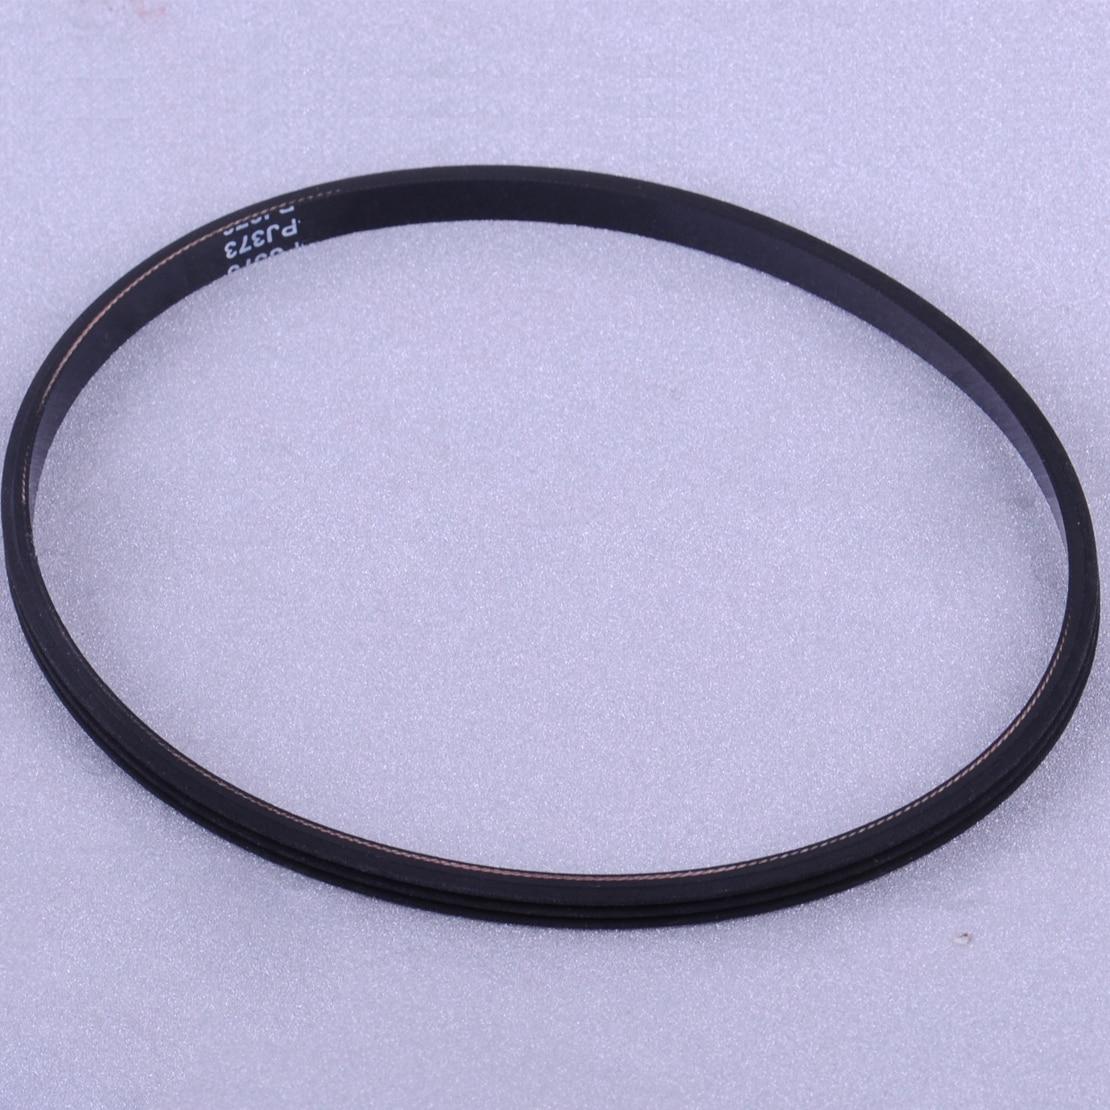 Black Belt Fit for PJ373 Bostitch Air Compressor AB 9075316 CAP2000P CAP1512|Tool Parts|   - AliExpress